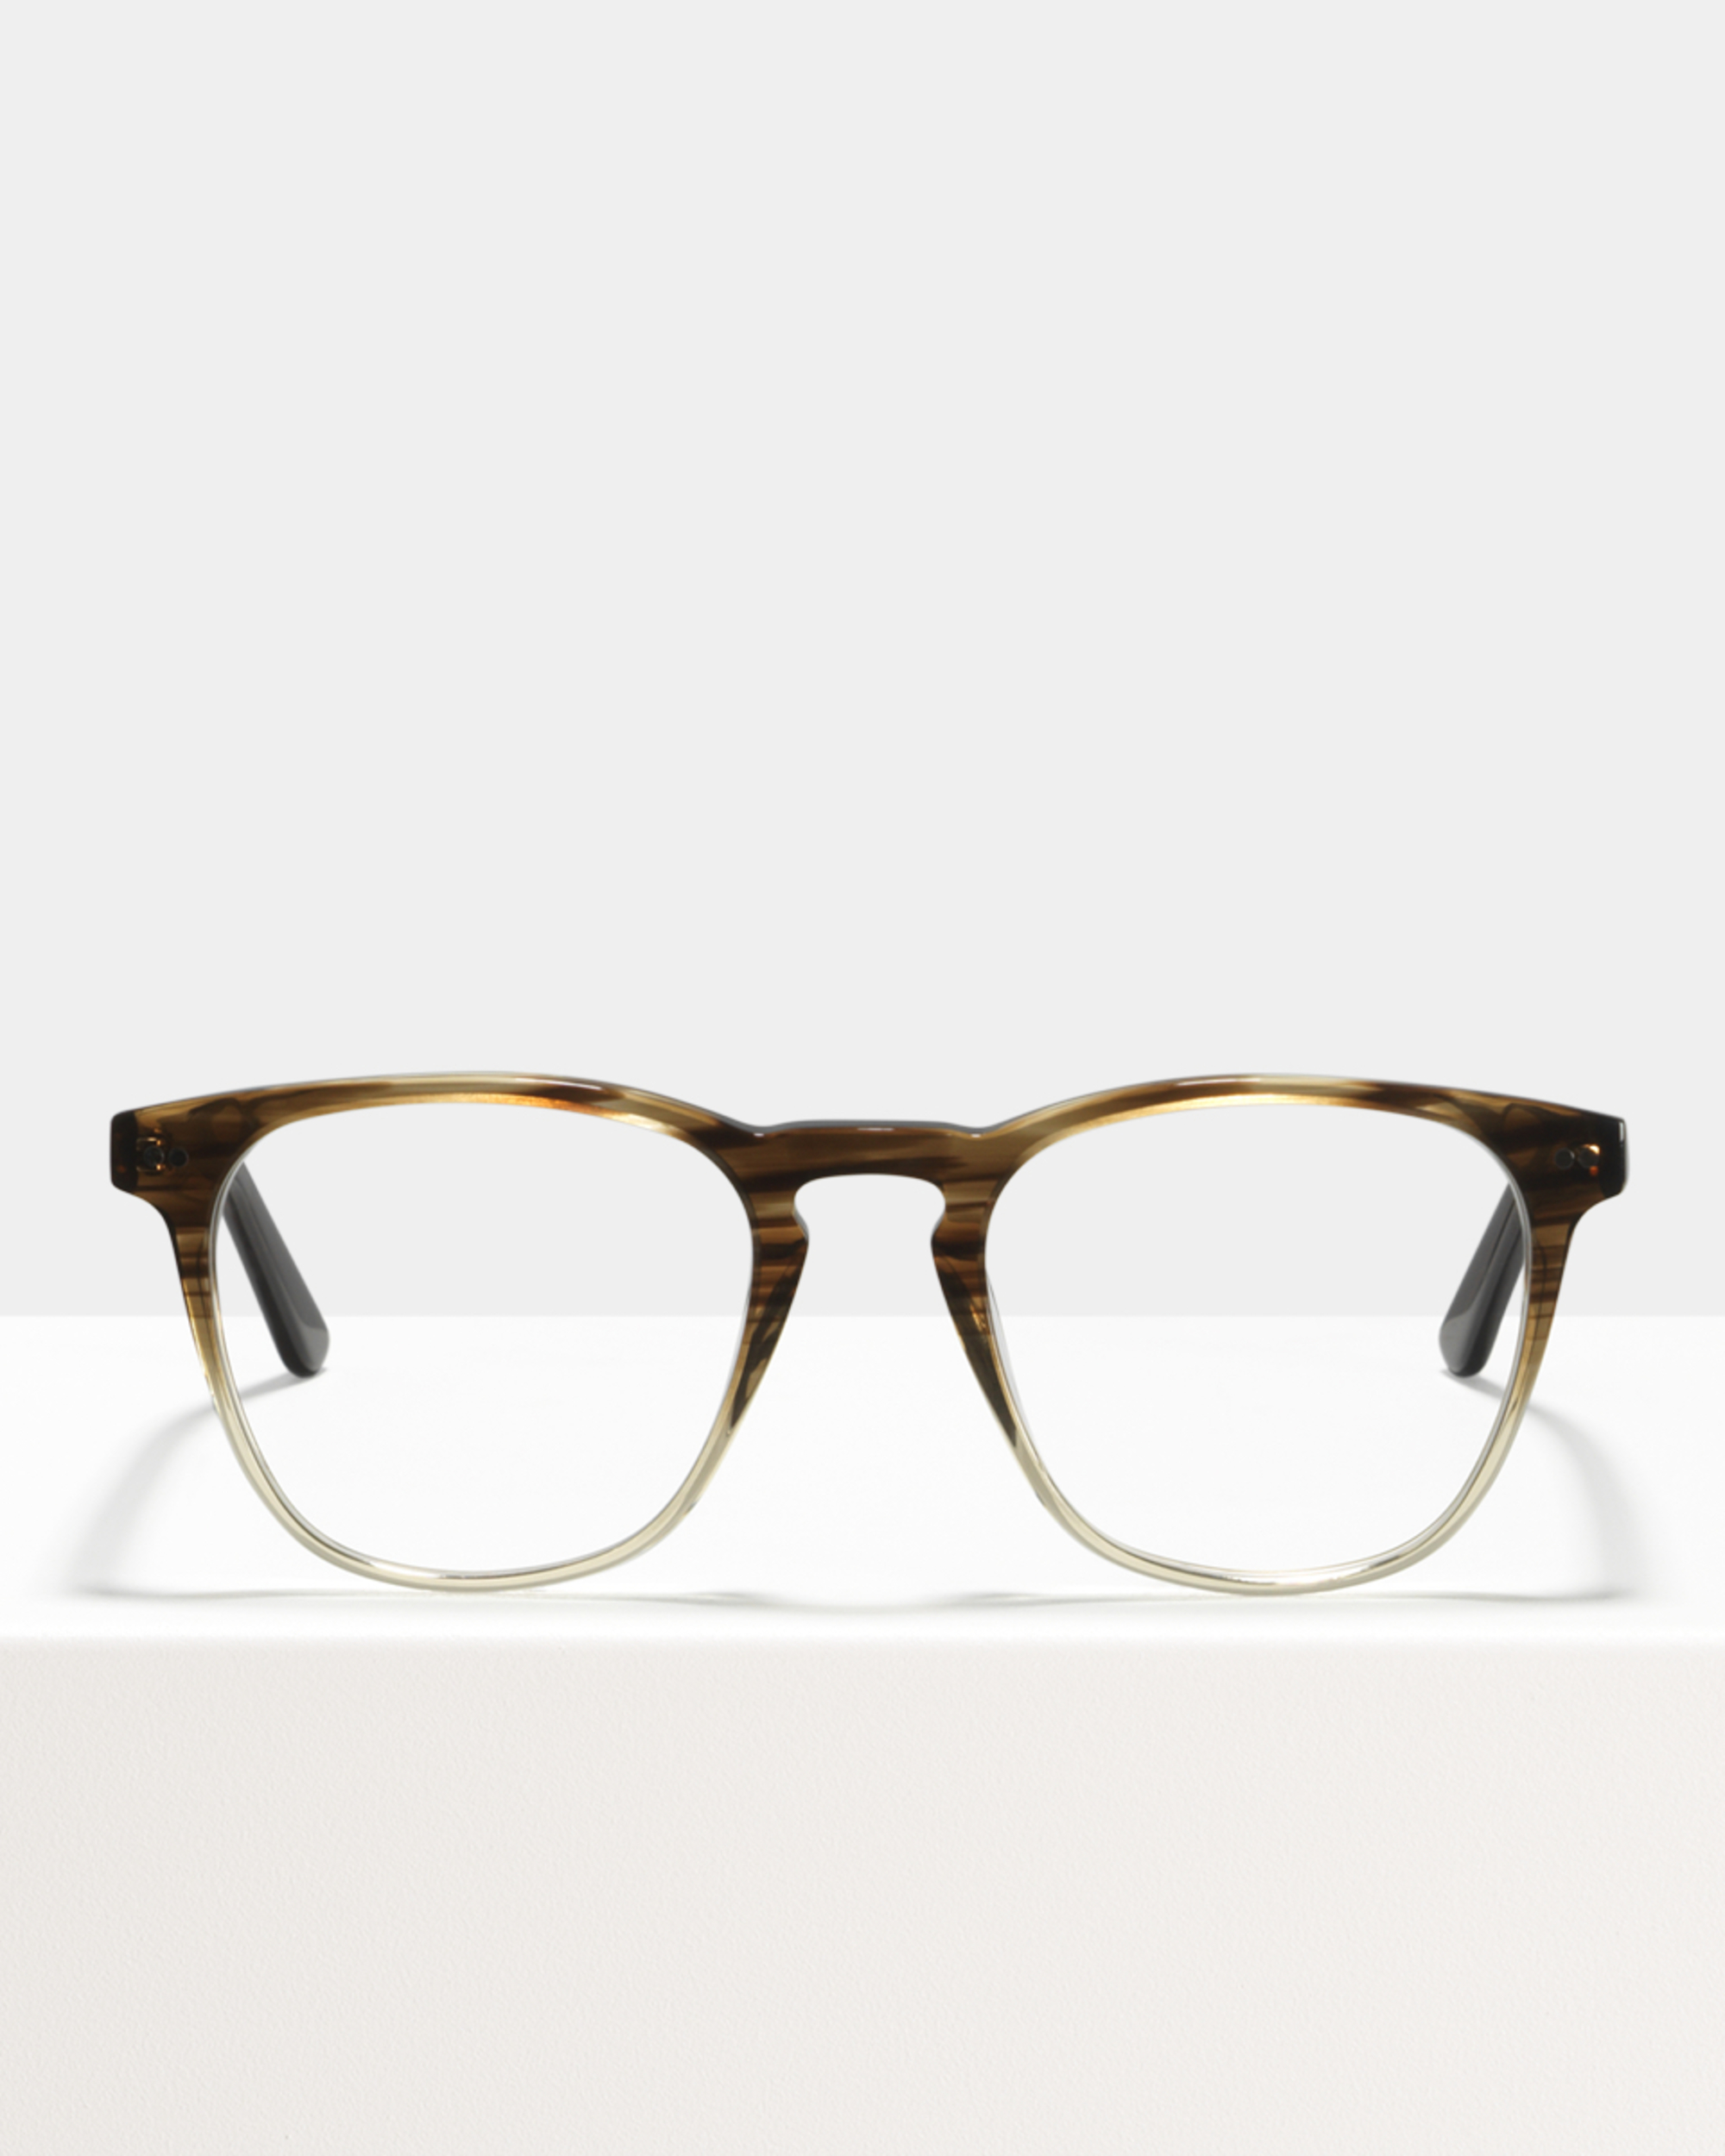 Ace & Tate Glasses | vierkant acetaat in Bruin, Doorzichtig